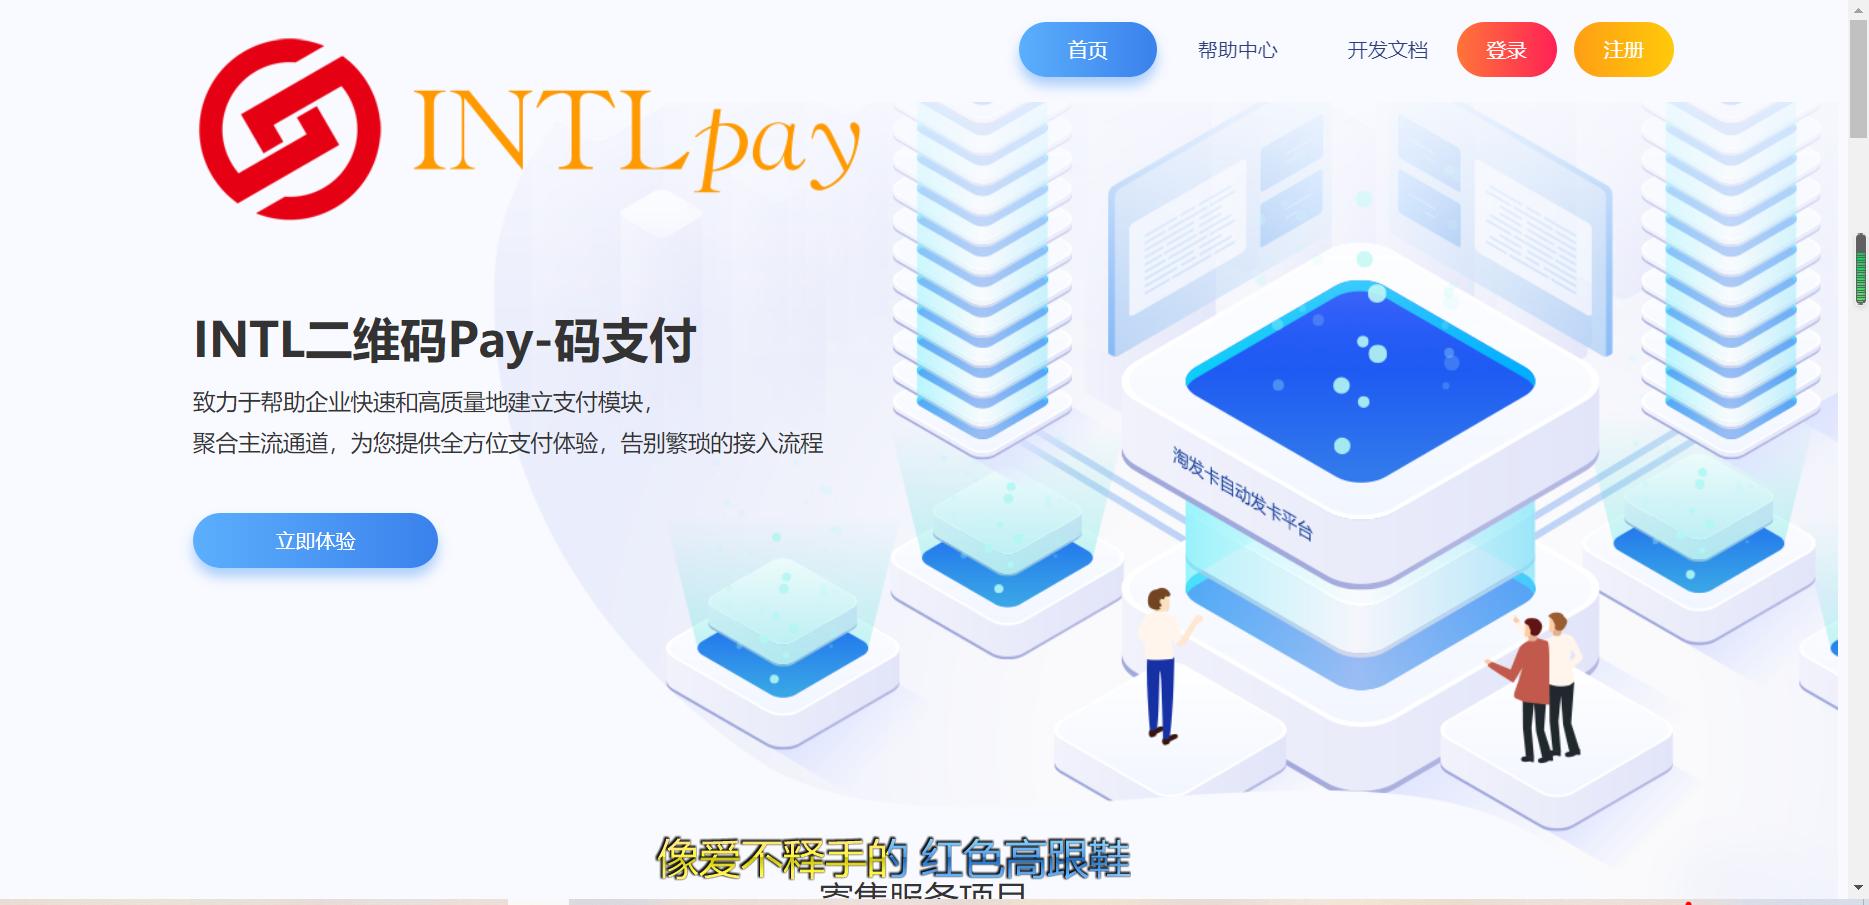 INTL码支付系统-个人支付免签约支付,个人支付宝即时到账接口